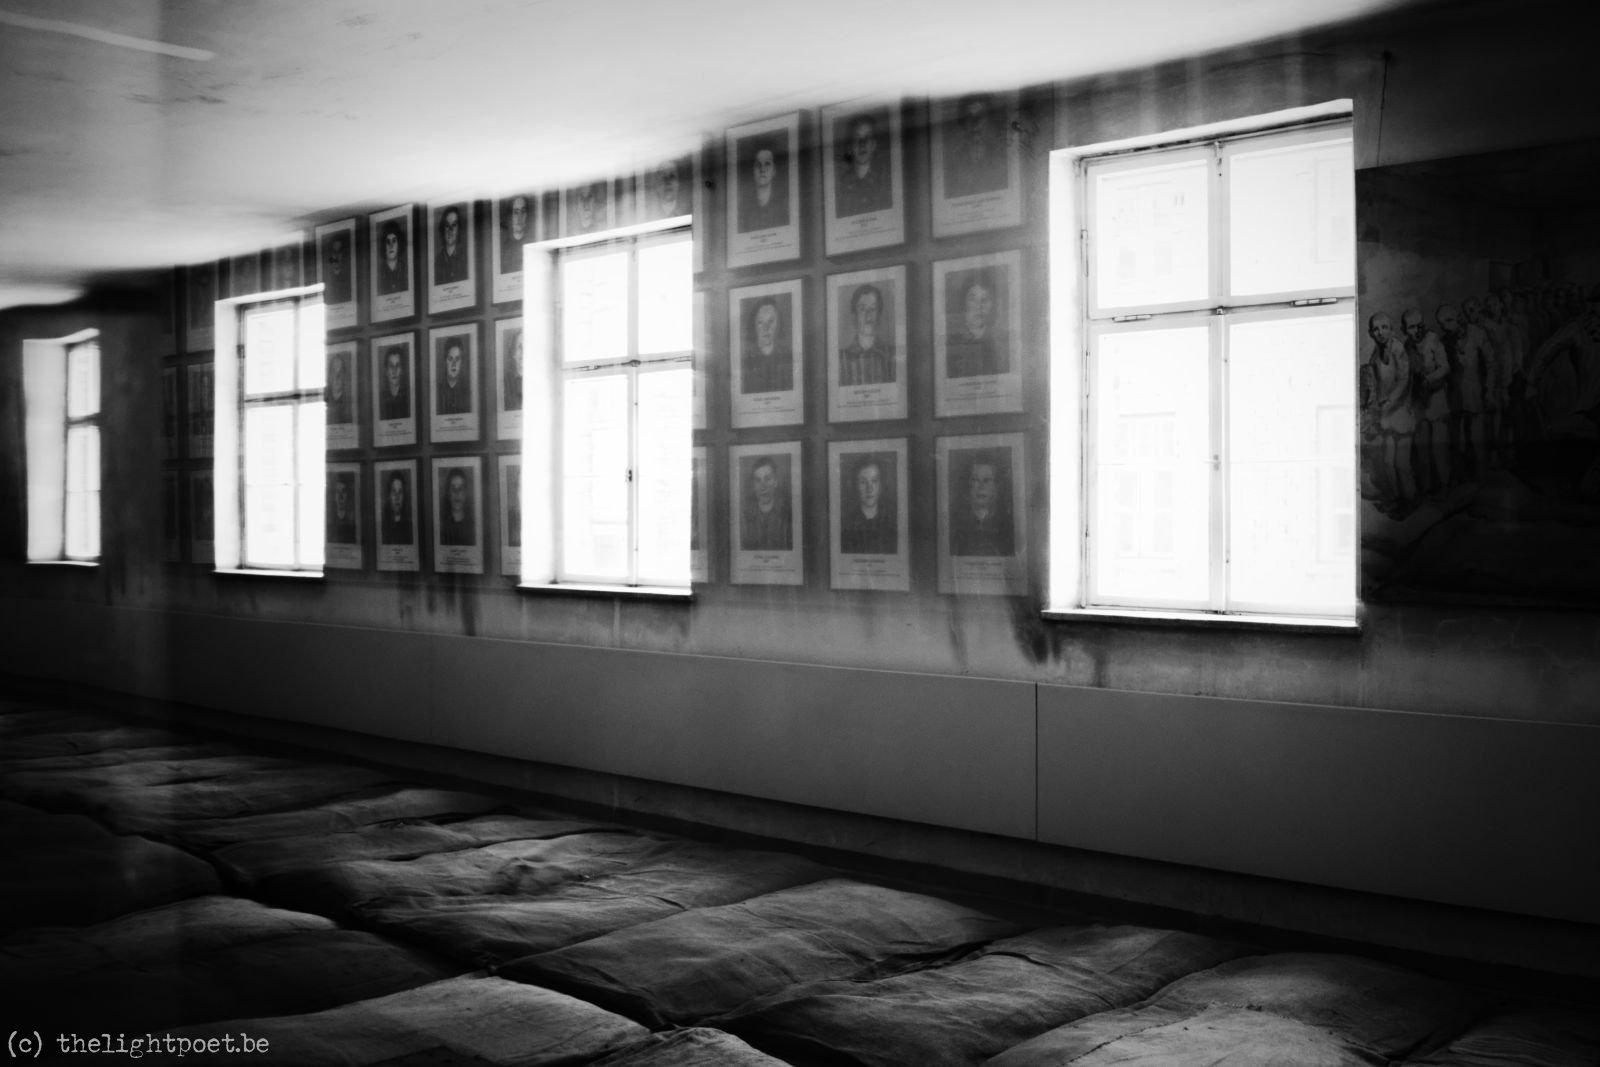 2018_06_Auschwitz_20180620_095211_DxO_PL1_1600px_2